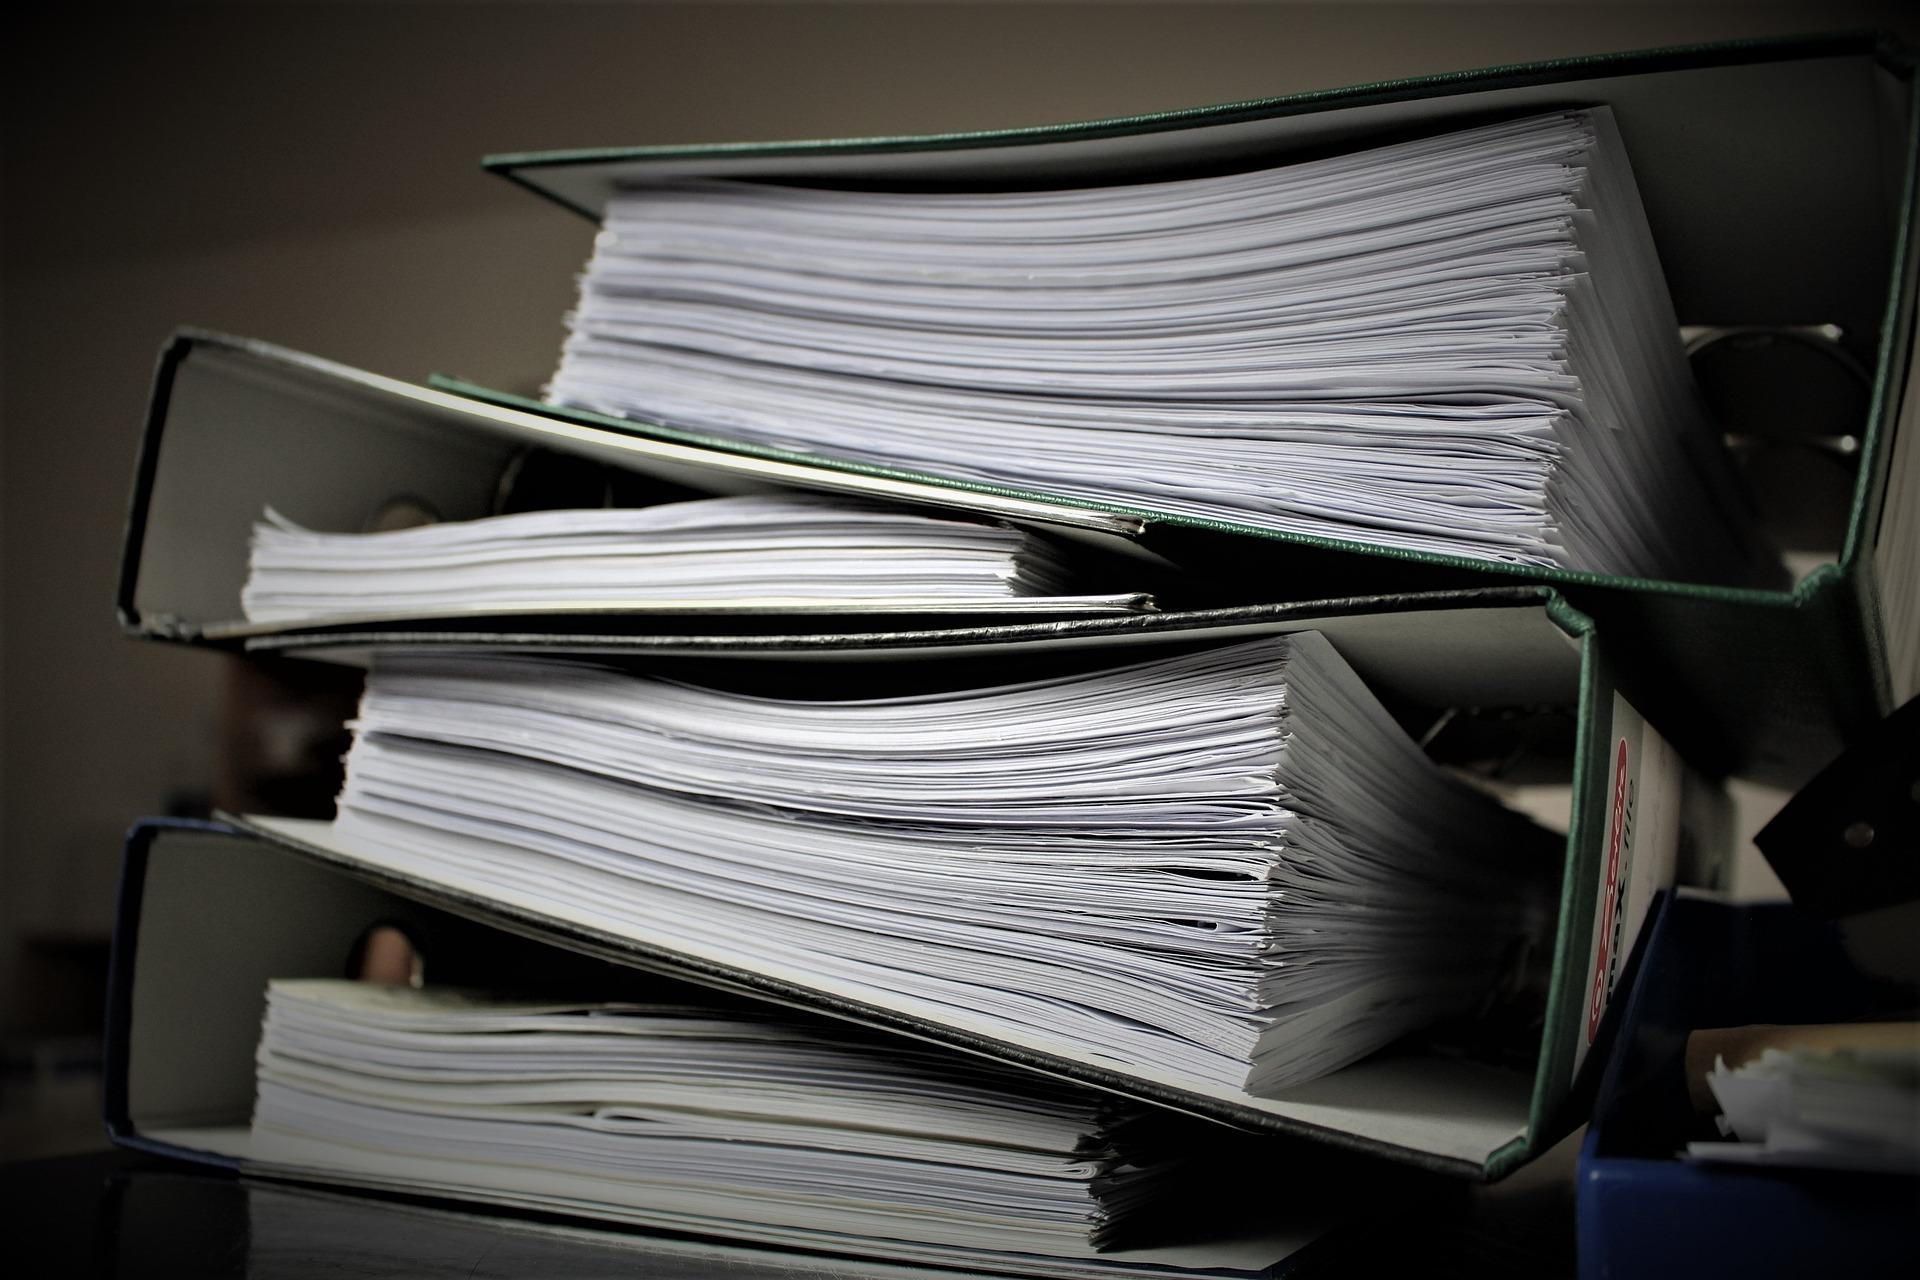 Eigenverwaltung in der Insolvenz - und keine Prozesskostenhilfe